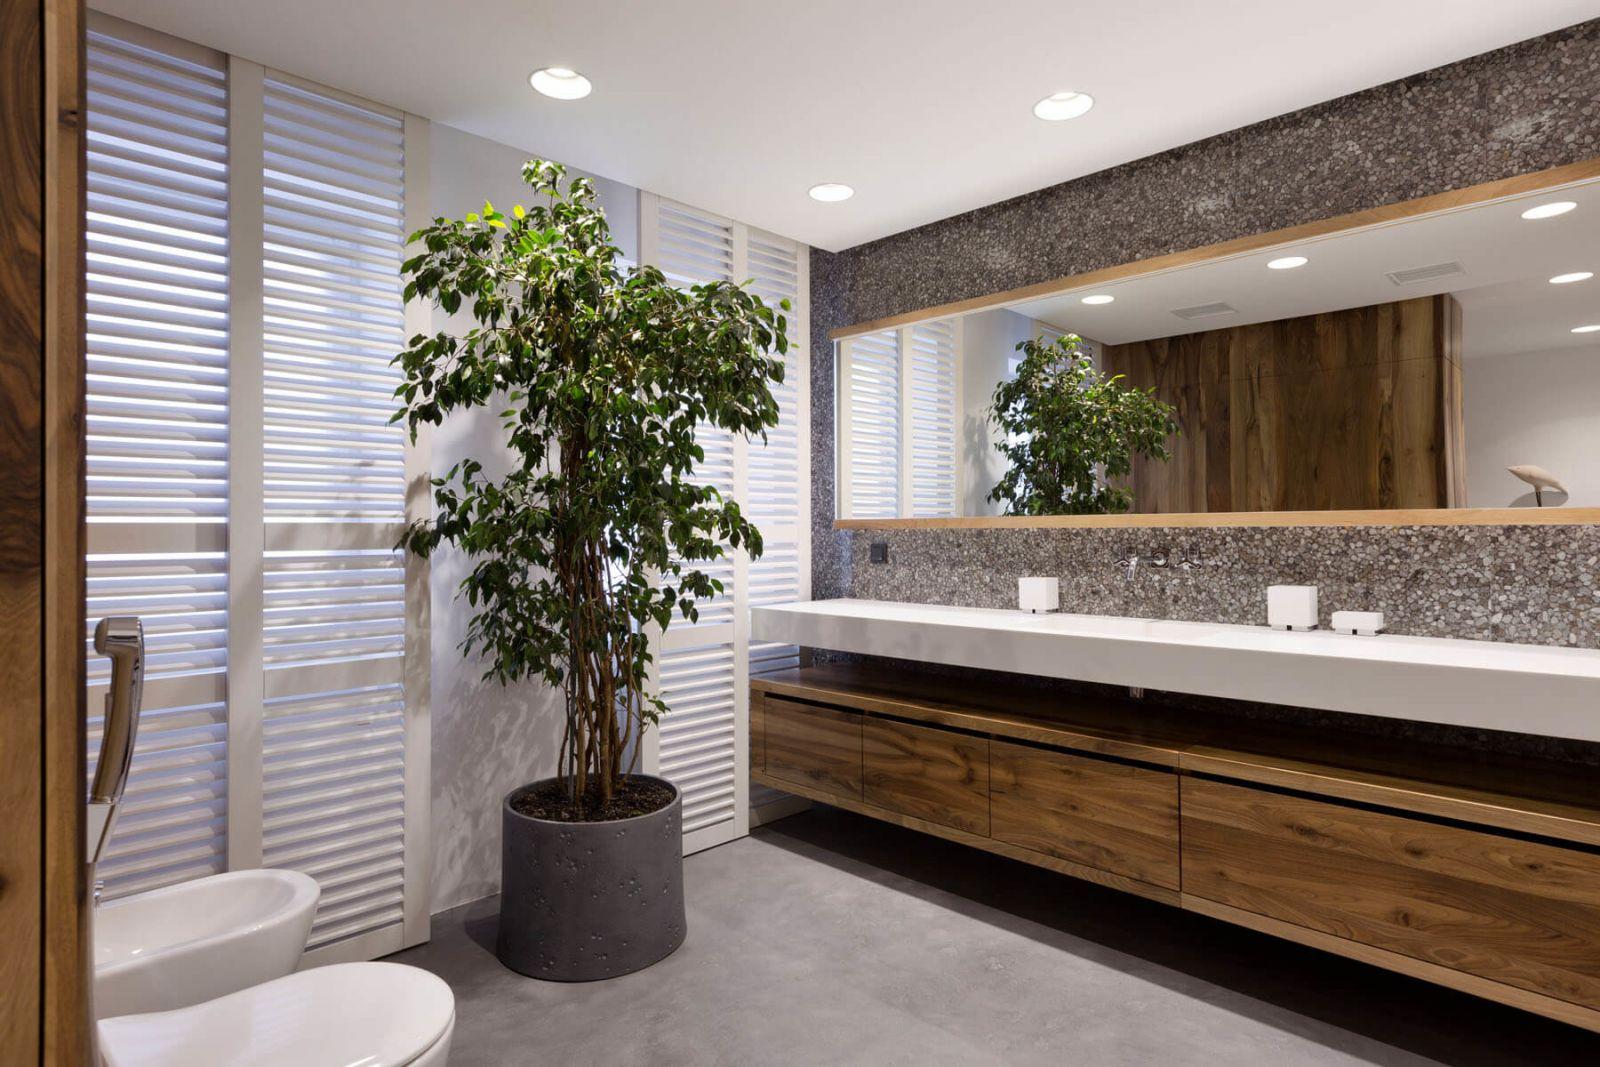 Даже для оформления санузлов апартаментов 4Levels всю мебель изготовили вручную